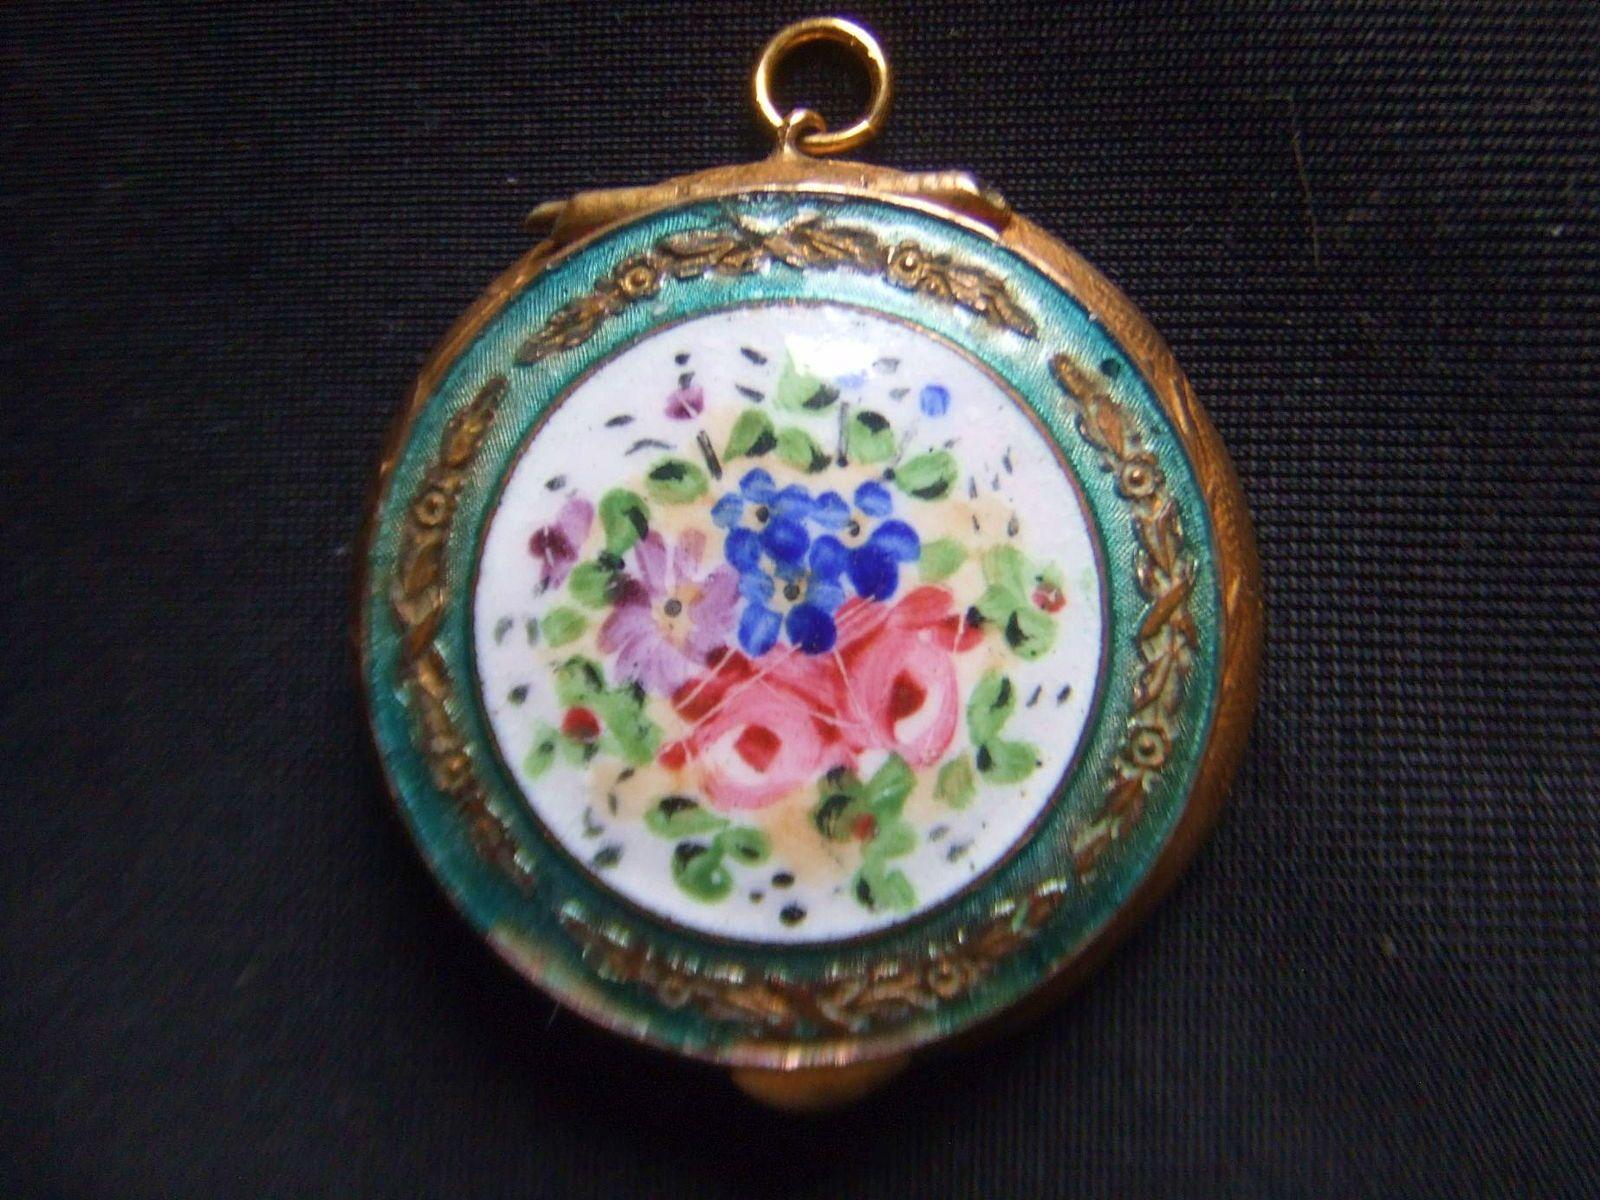 Vends petit poudrier ancien orné d'une miniature